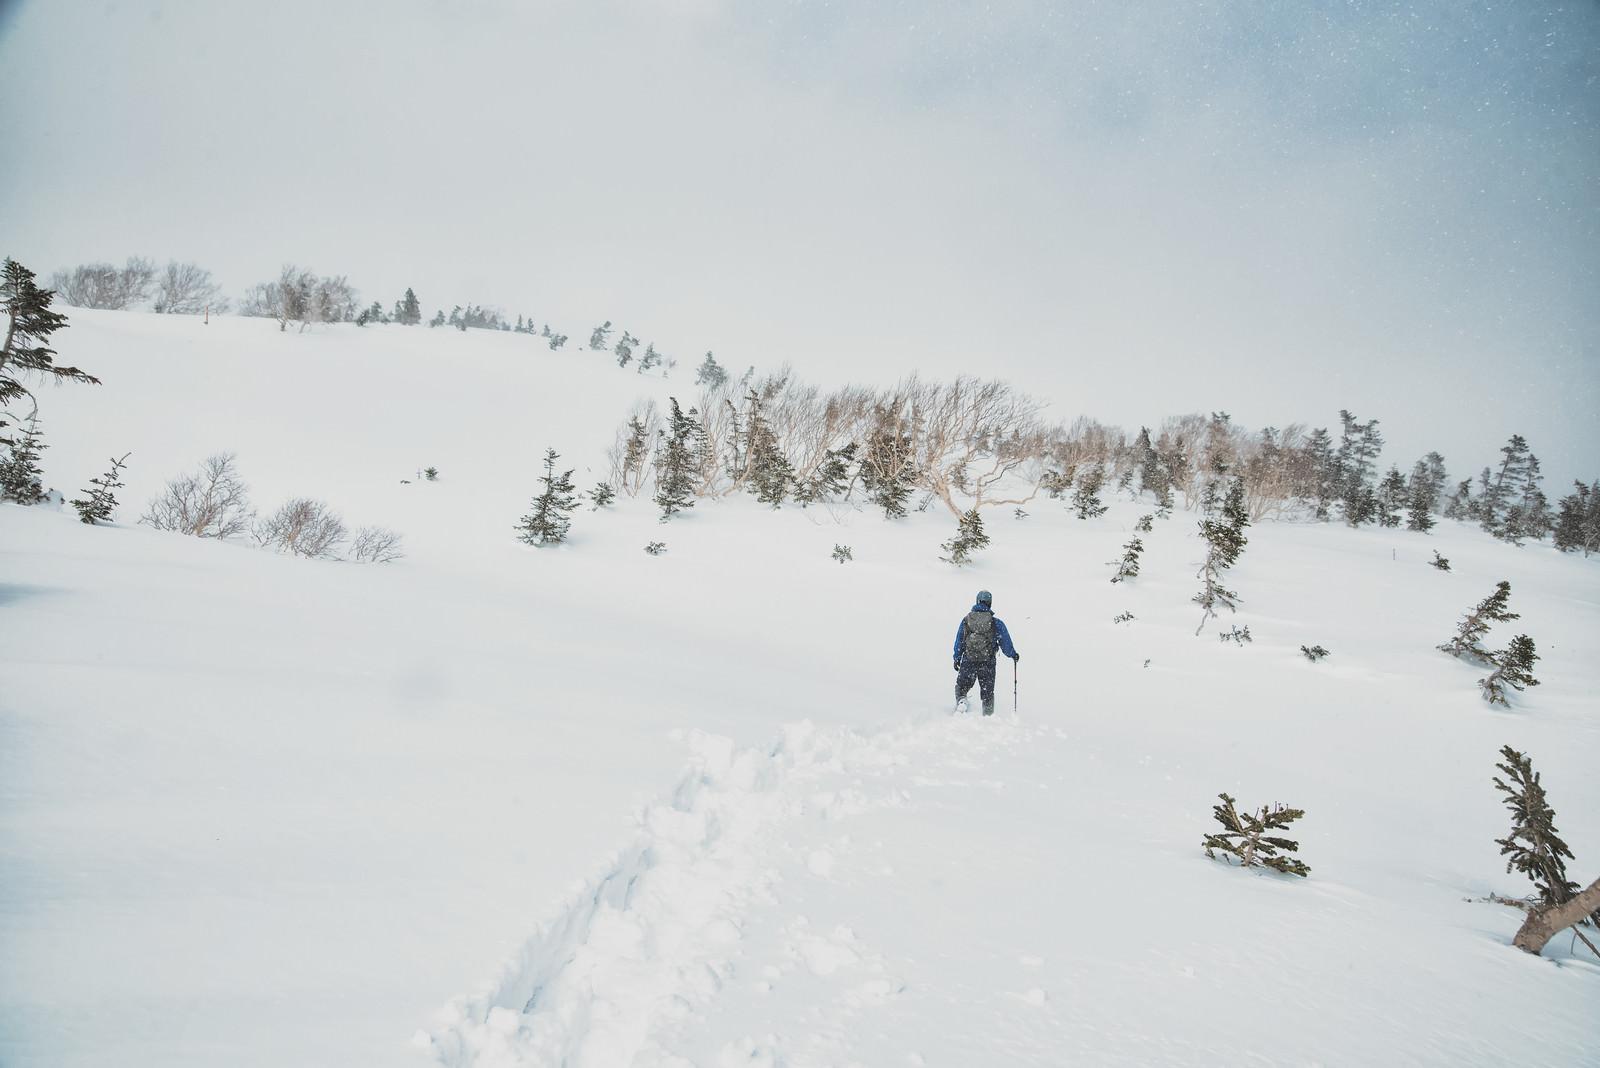 「雪深い雪原を進む登山者」の写真